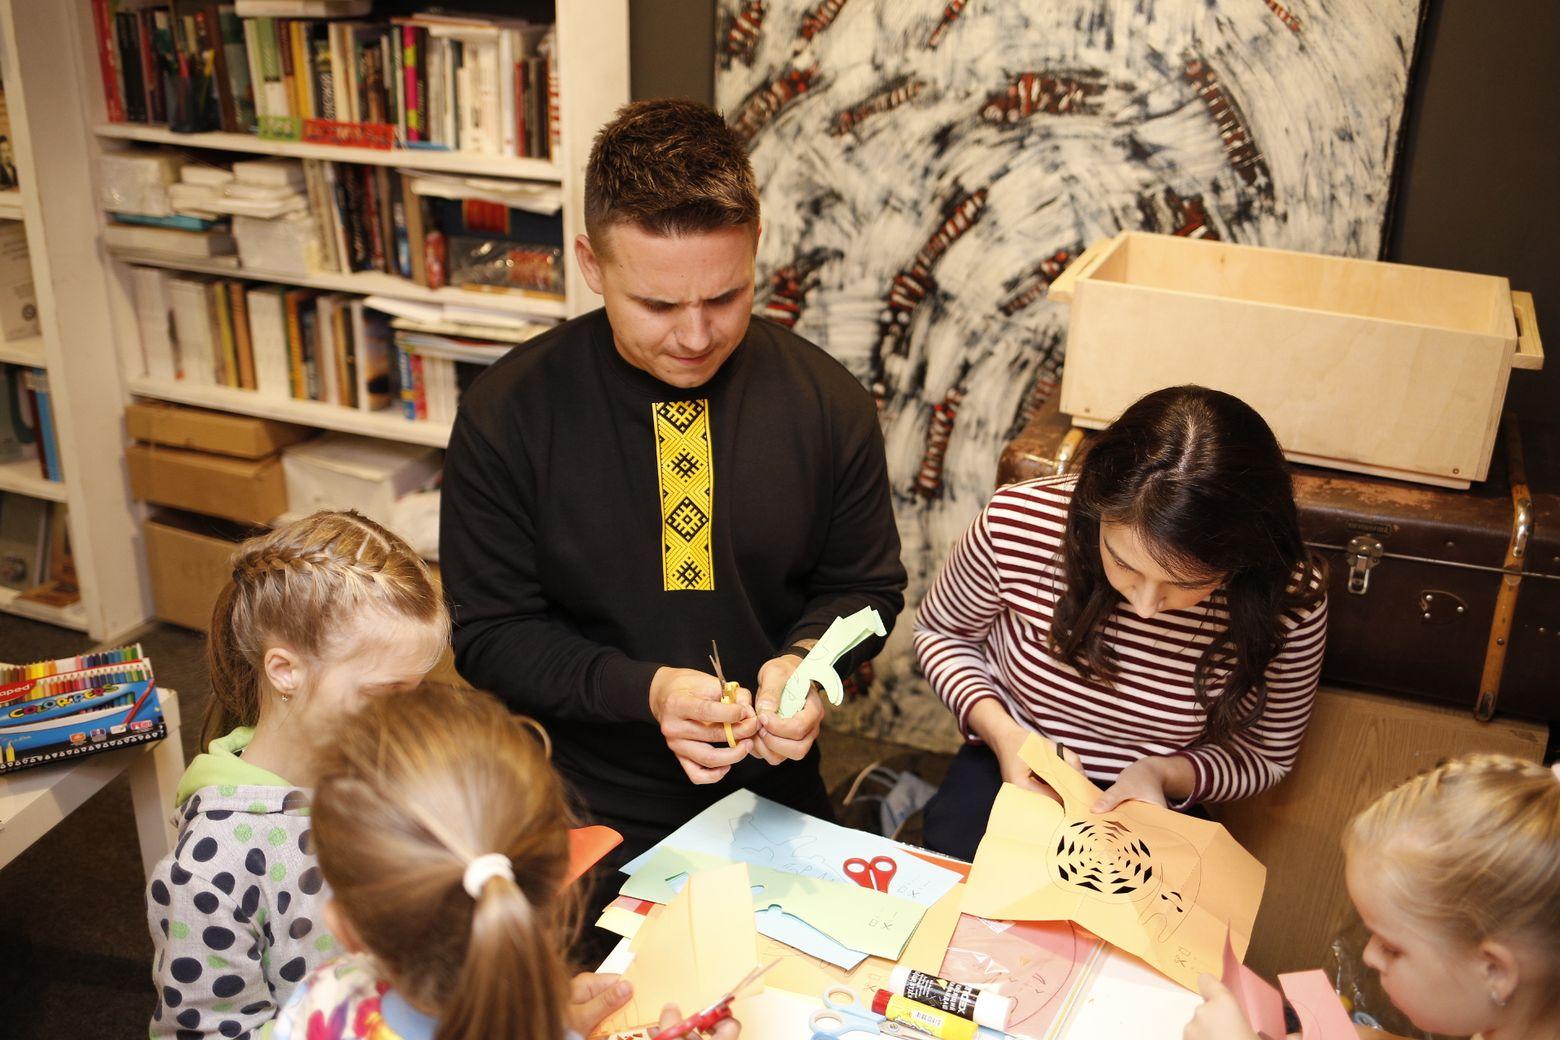 «Скарбонка гульняў» обучает детей белорусскому языку через игру